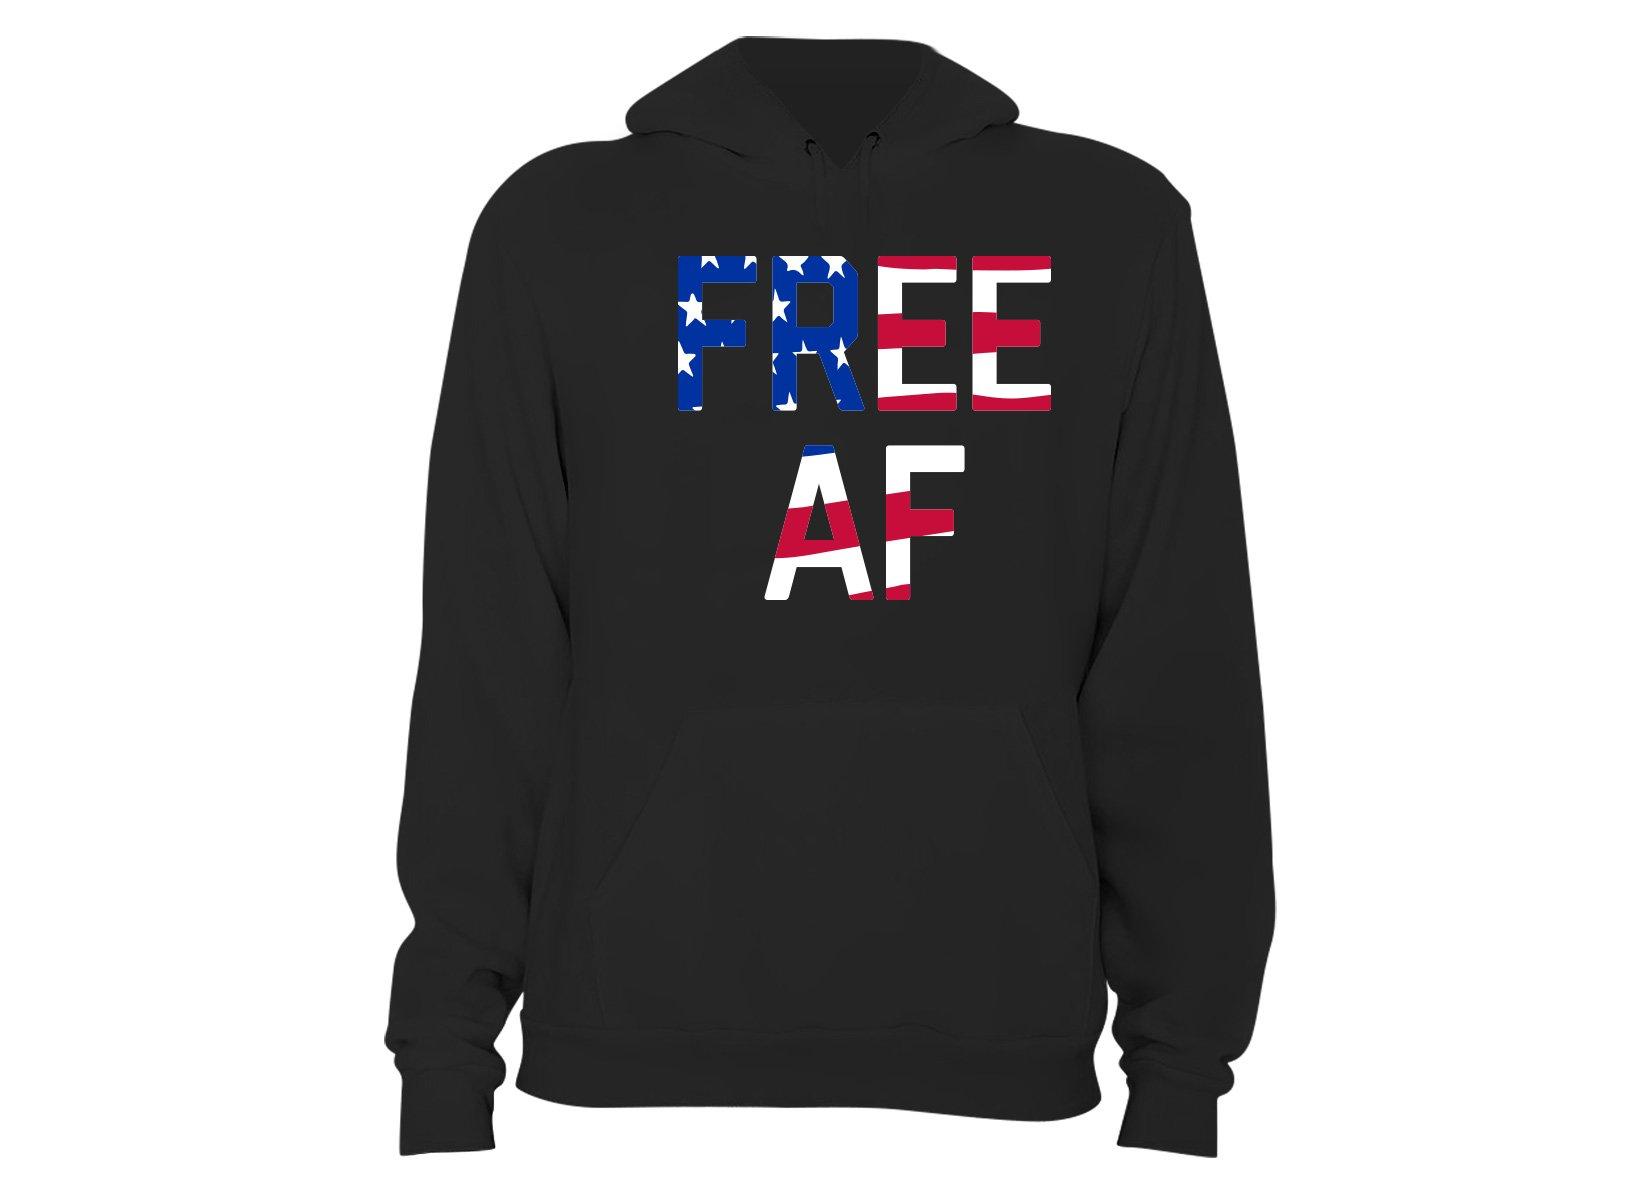 Free AF on Hoodie